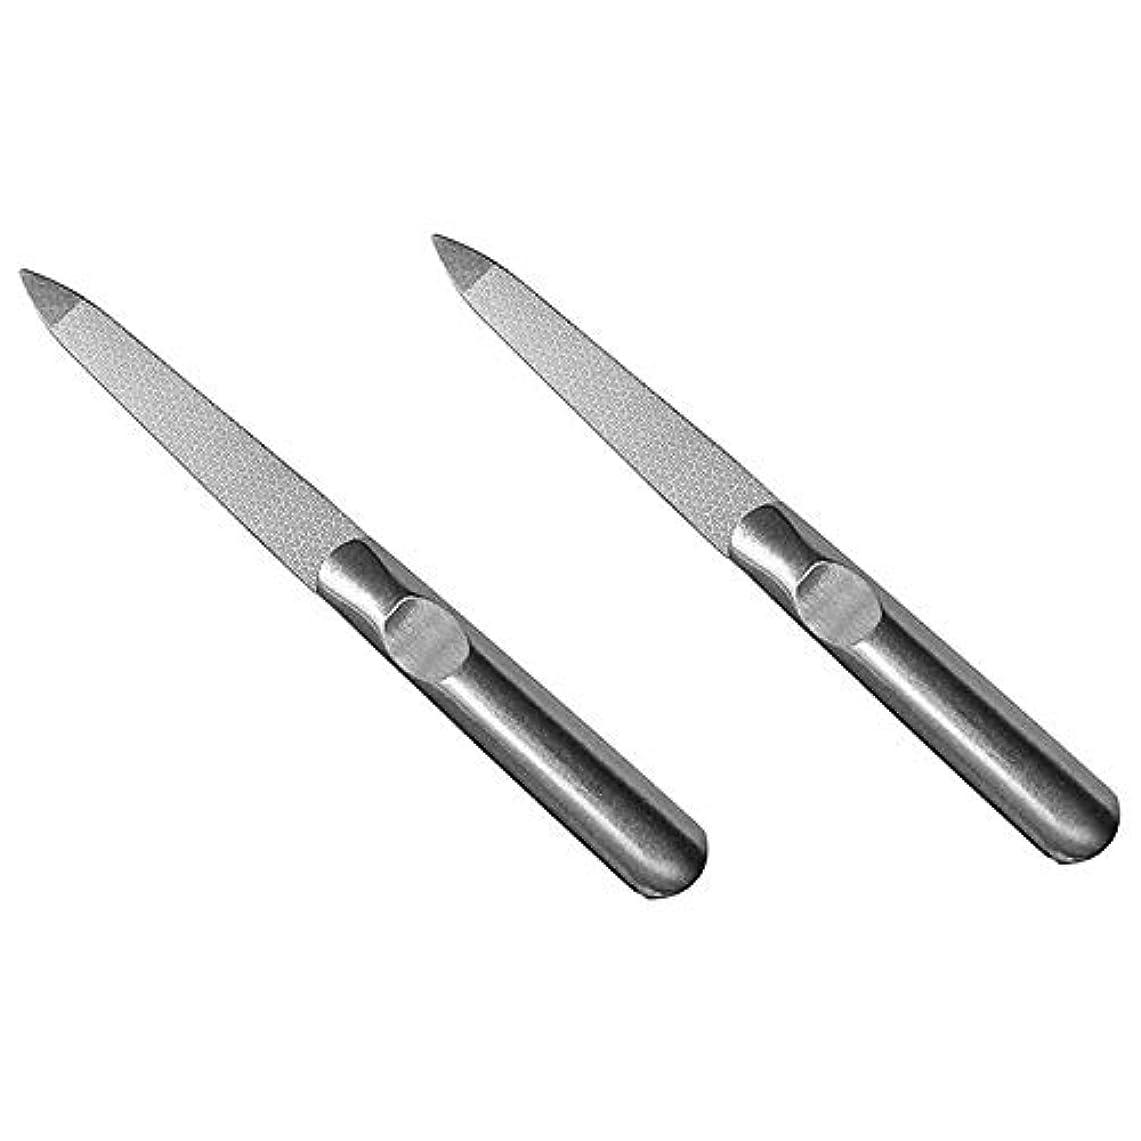 一致する代替案コンパイルSODIAL 2個 ステンレススチール ネイルファイル 両面マット アーマー美容ツール Yangjiang爪 腐食の防止鎧